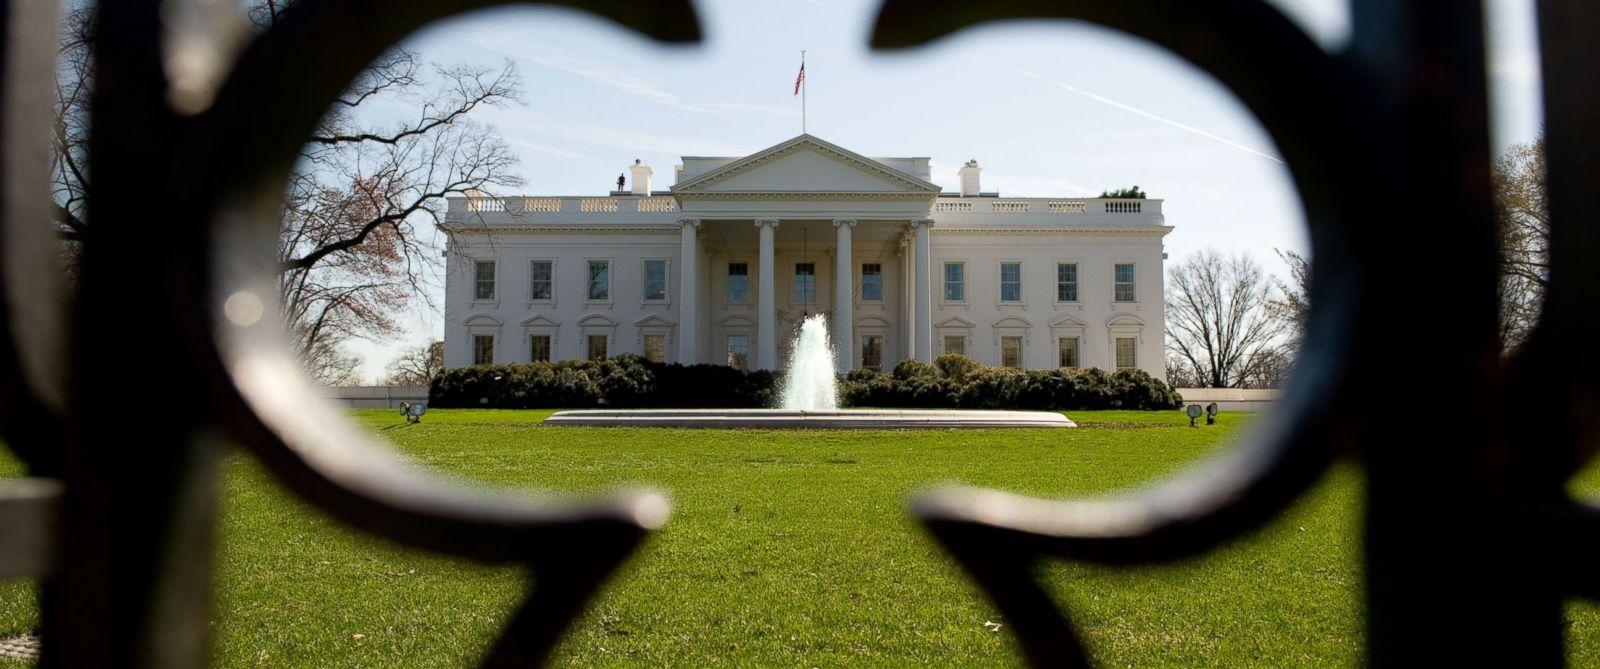 Бела кућа разматра излазак САД из Договора о ликвидацији ракета малог и средњег домета